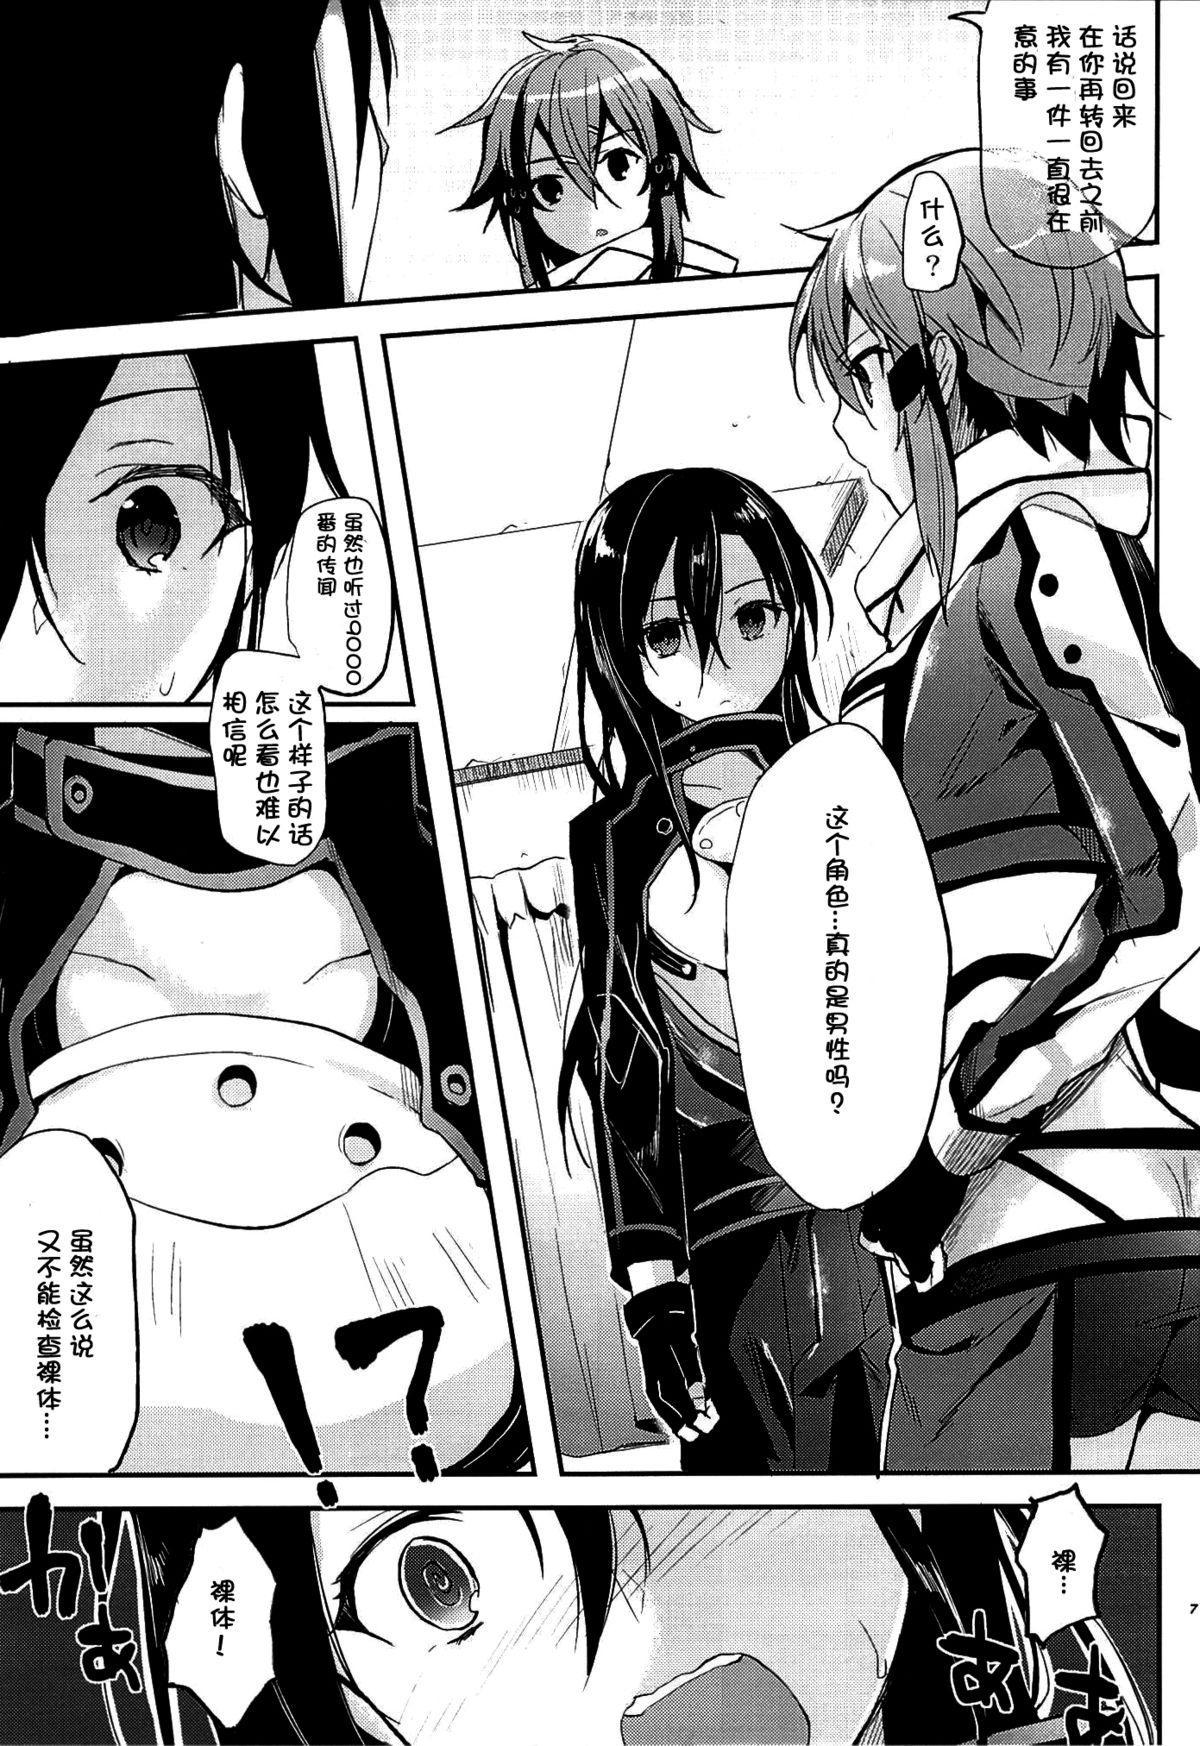 Yosokusen o Koete 5